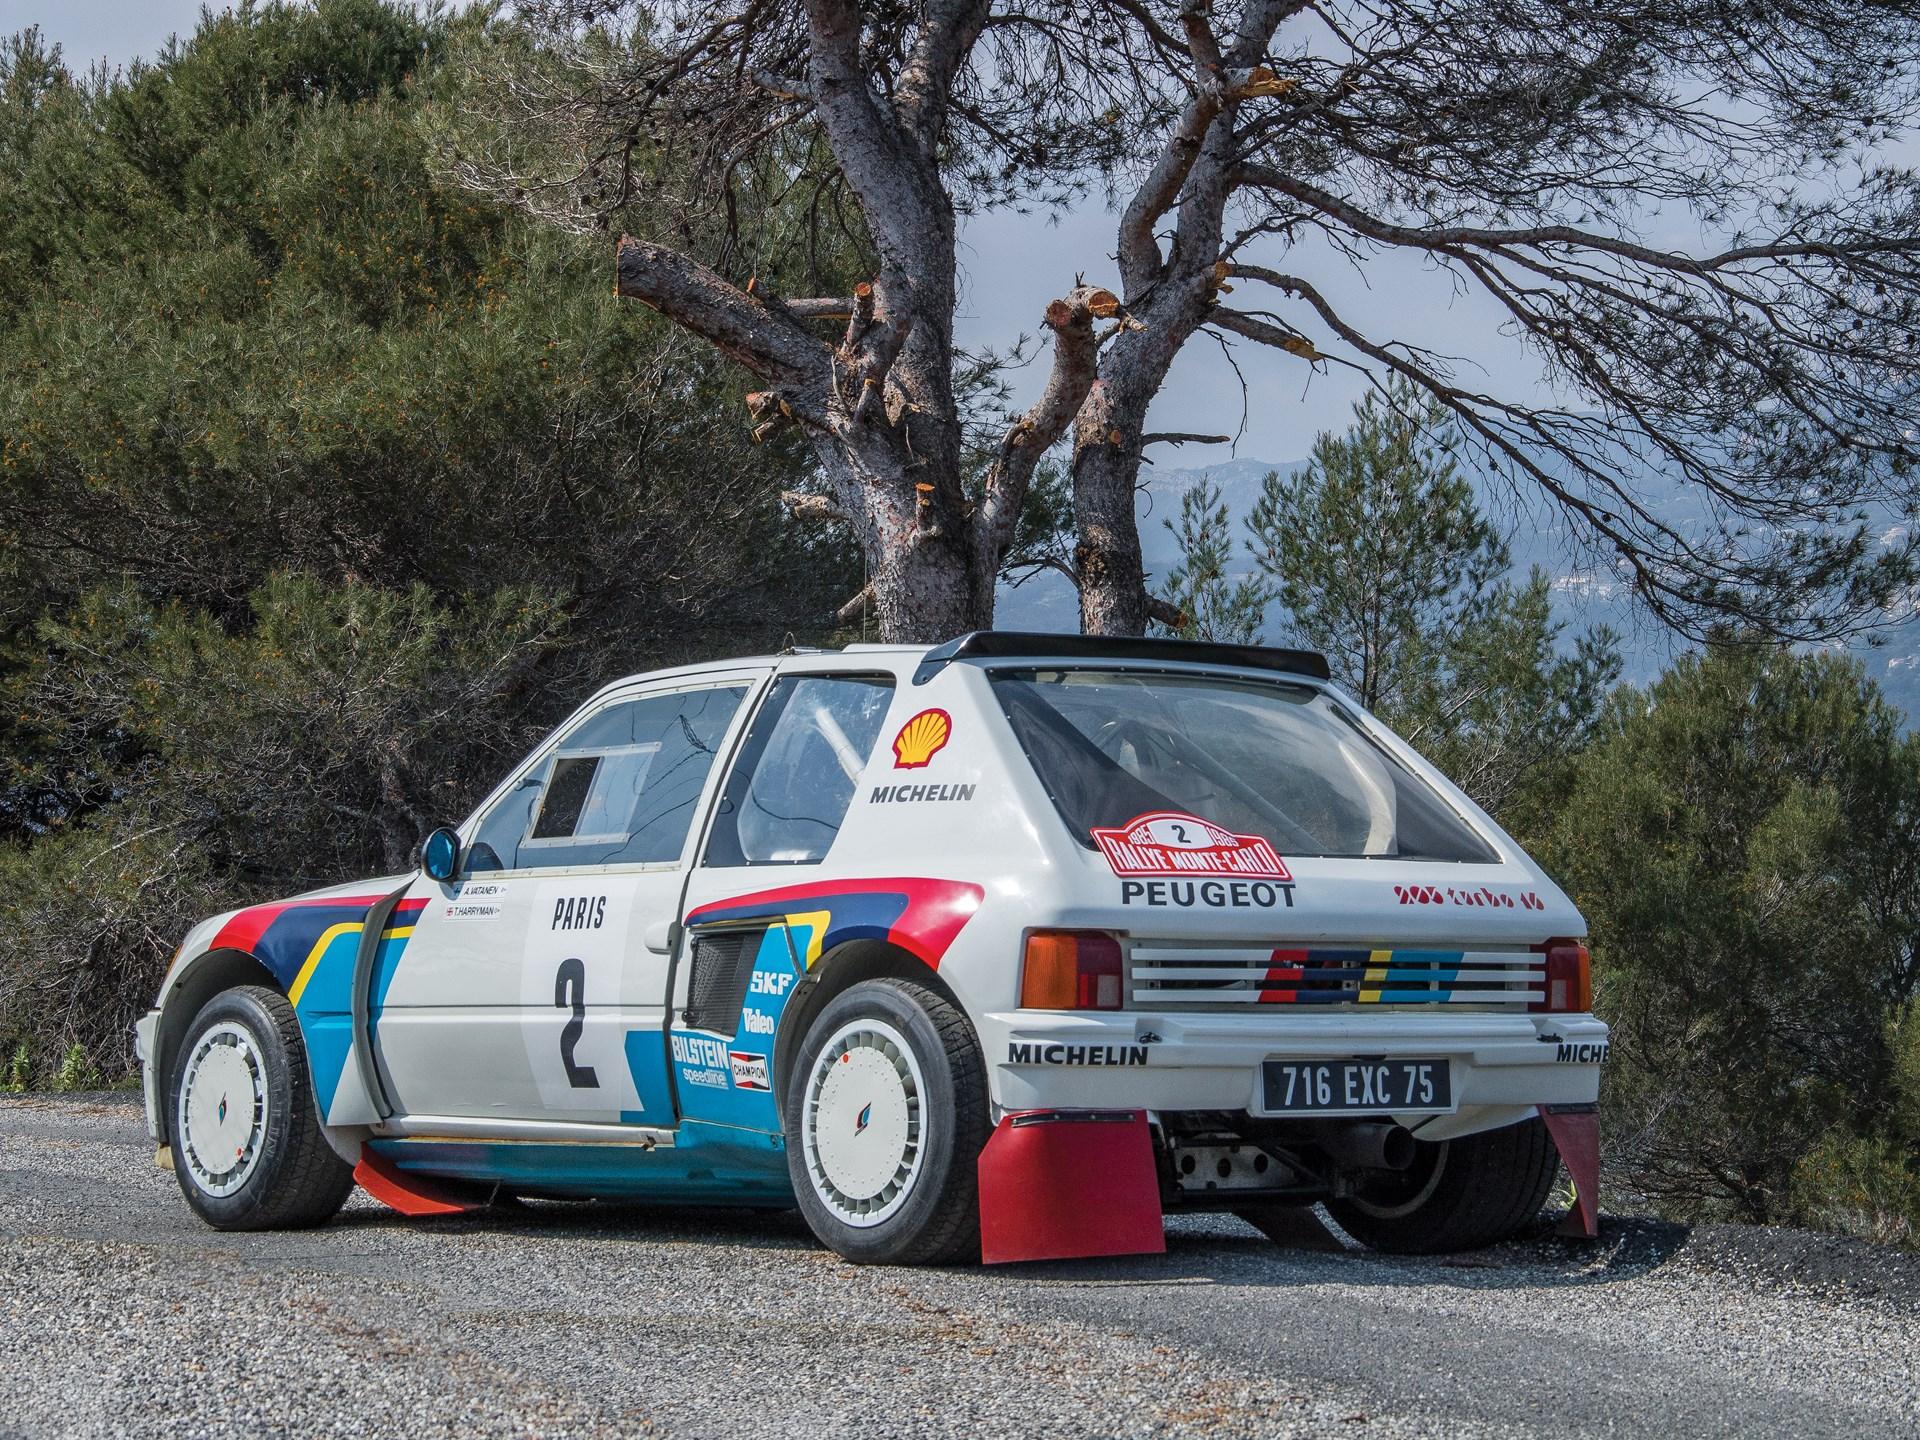 1984 Peugeot 205 Turbo 16 Evolution 1 Group B